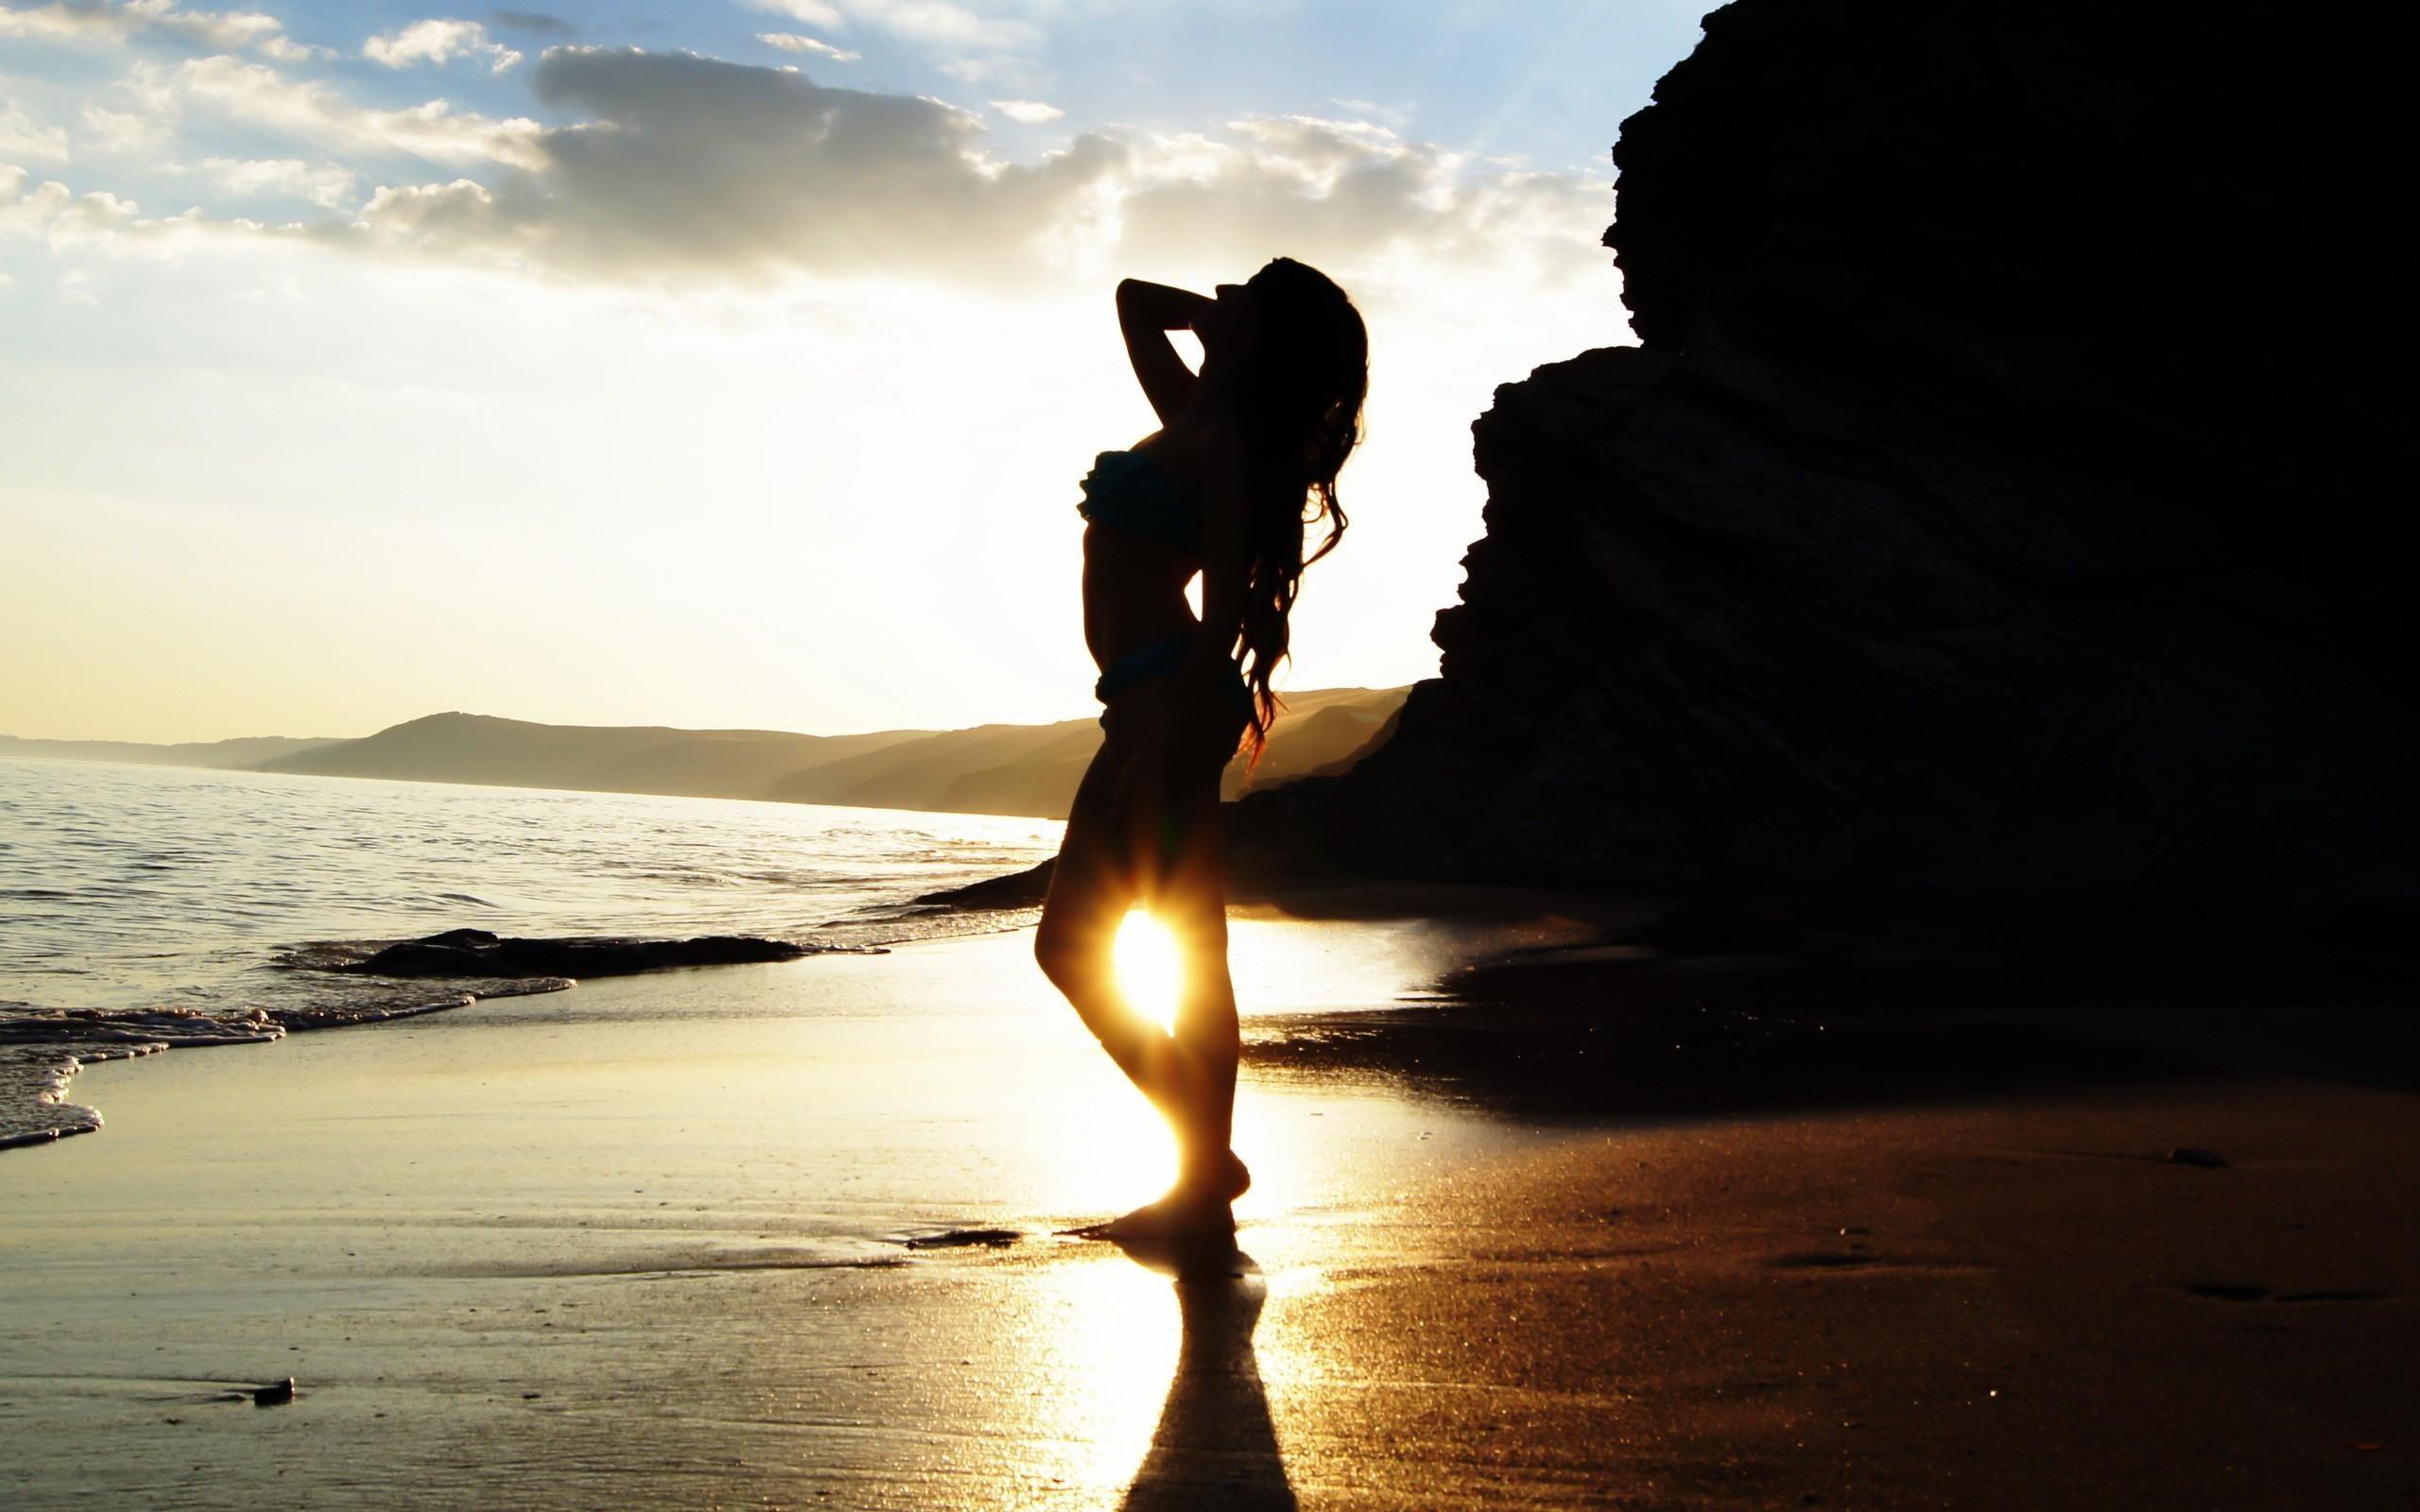 evening-beach-girl-cool-image-hd-wallpapers - HDWallpaperSets Com